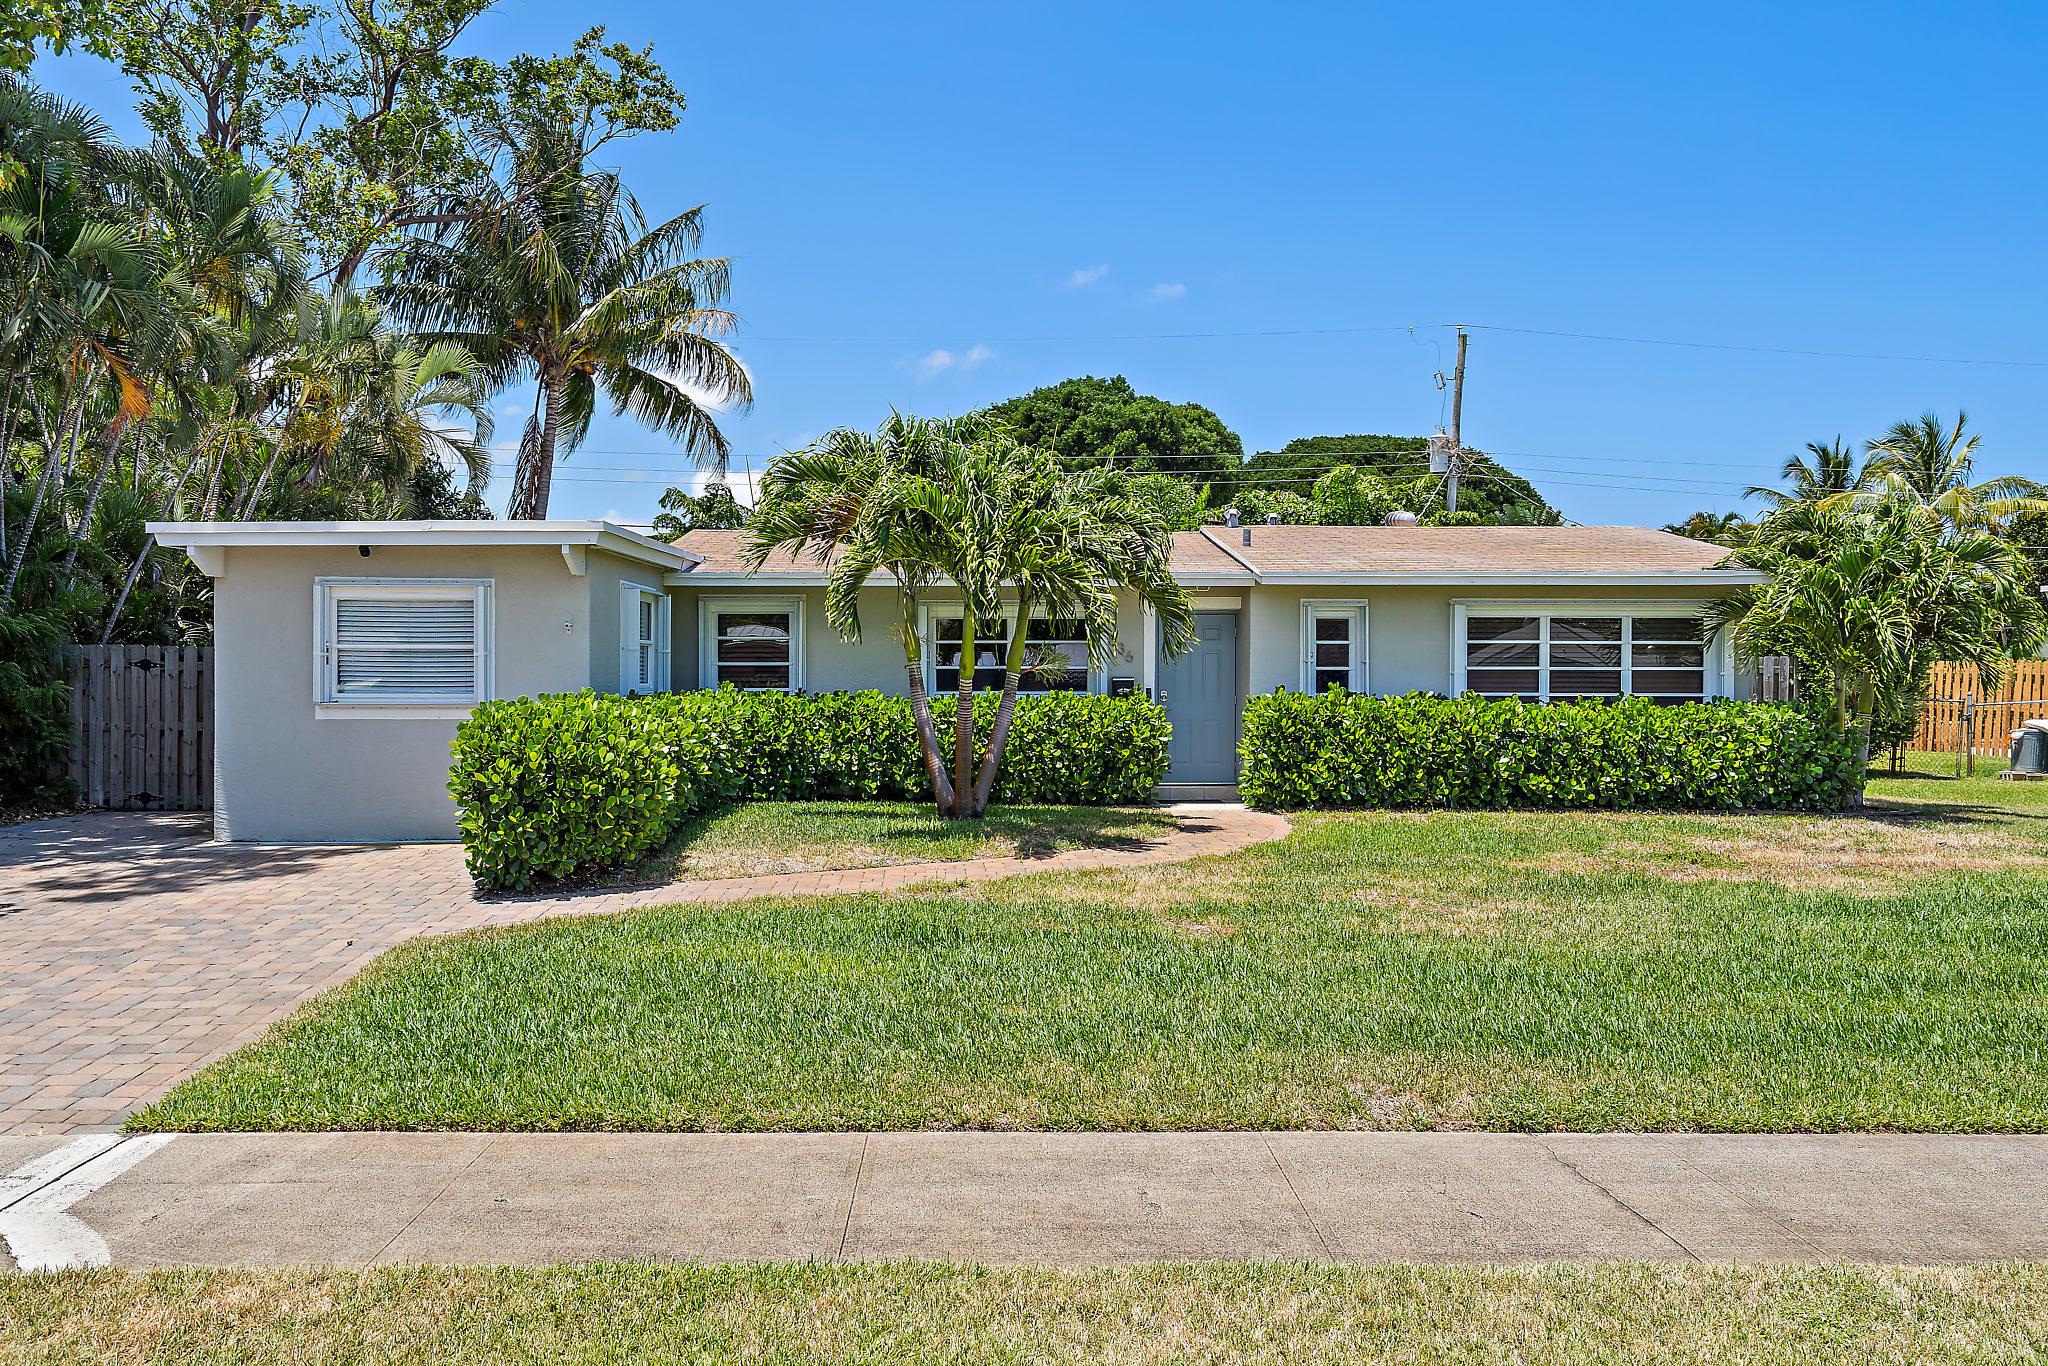 836 Cinnamon Road, North Palm Beach, Florida 33408, 3 Bedrooms Bedrooms, ,2 BathroomsBathrooms,F,Single family,Cinnamon,RX-10551948